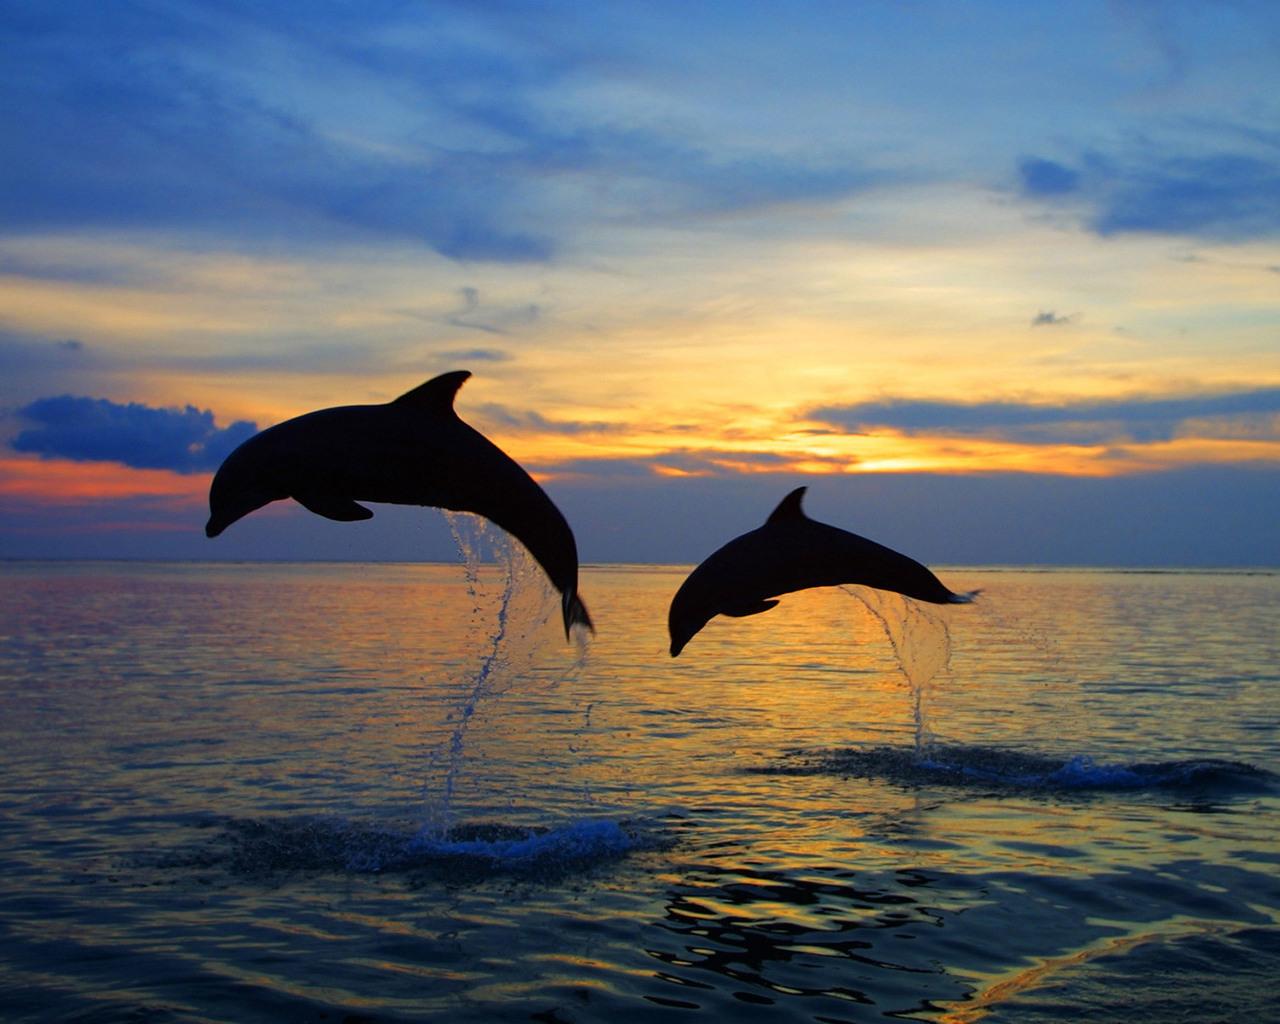 Картинка, Дельфины картинки, заставки на рабочий стол бесплатно